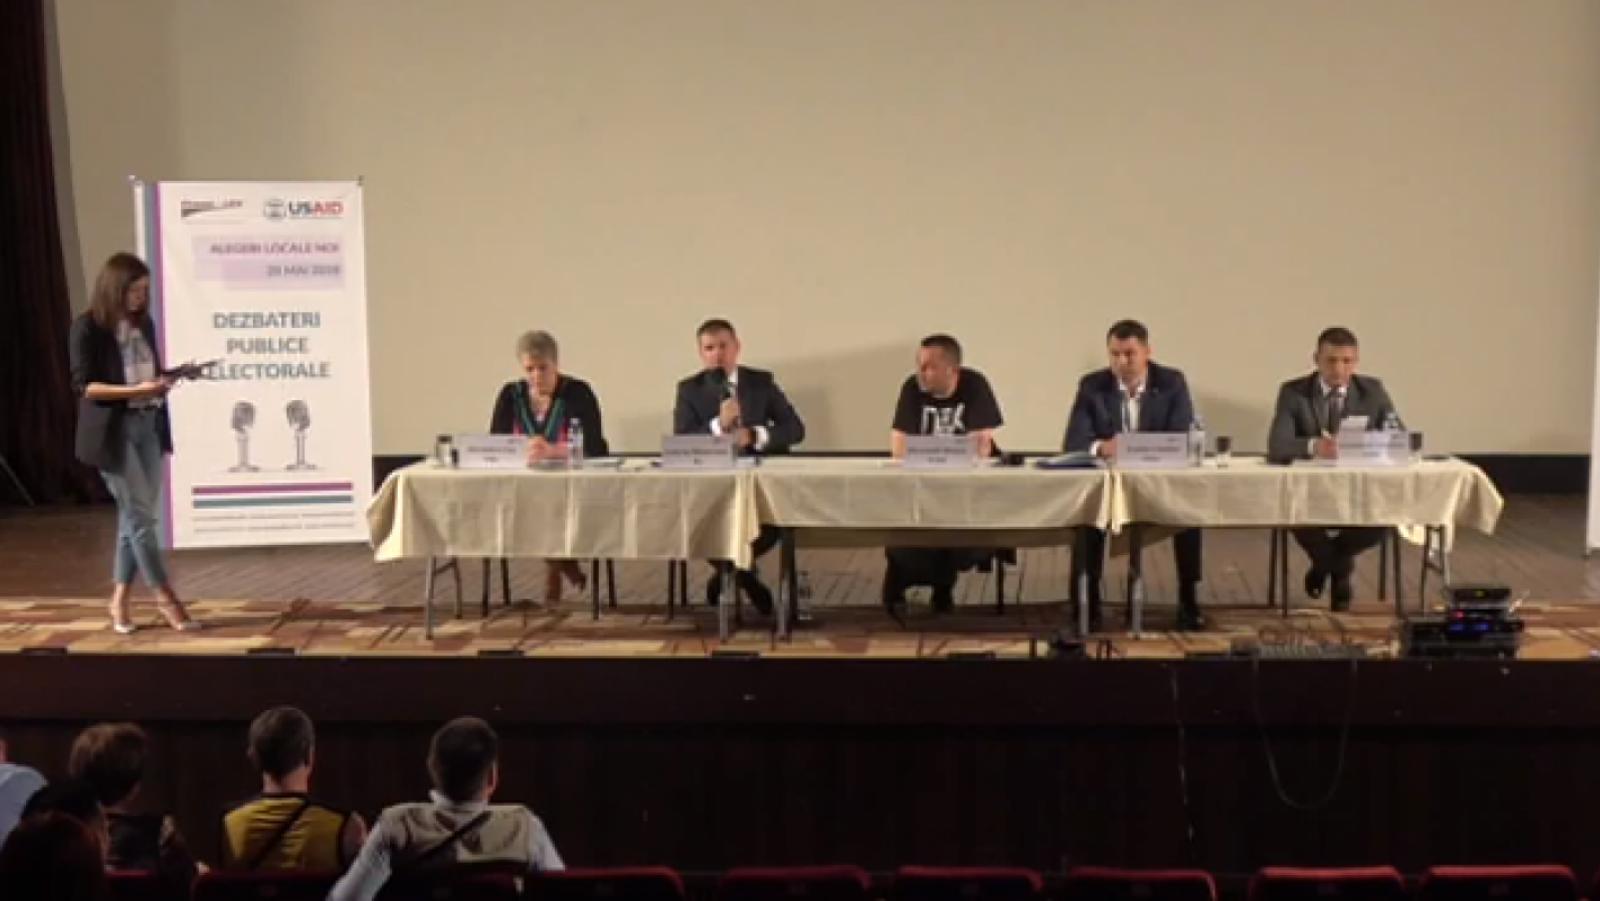 (video) Dezbateri publice electorale organizate de Promo-LEX în mun. Chișinău (I rundă)